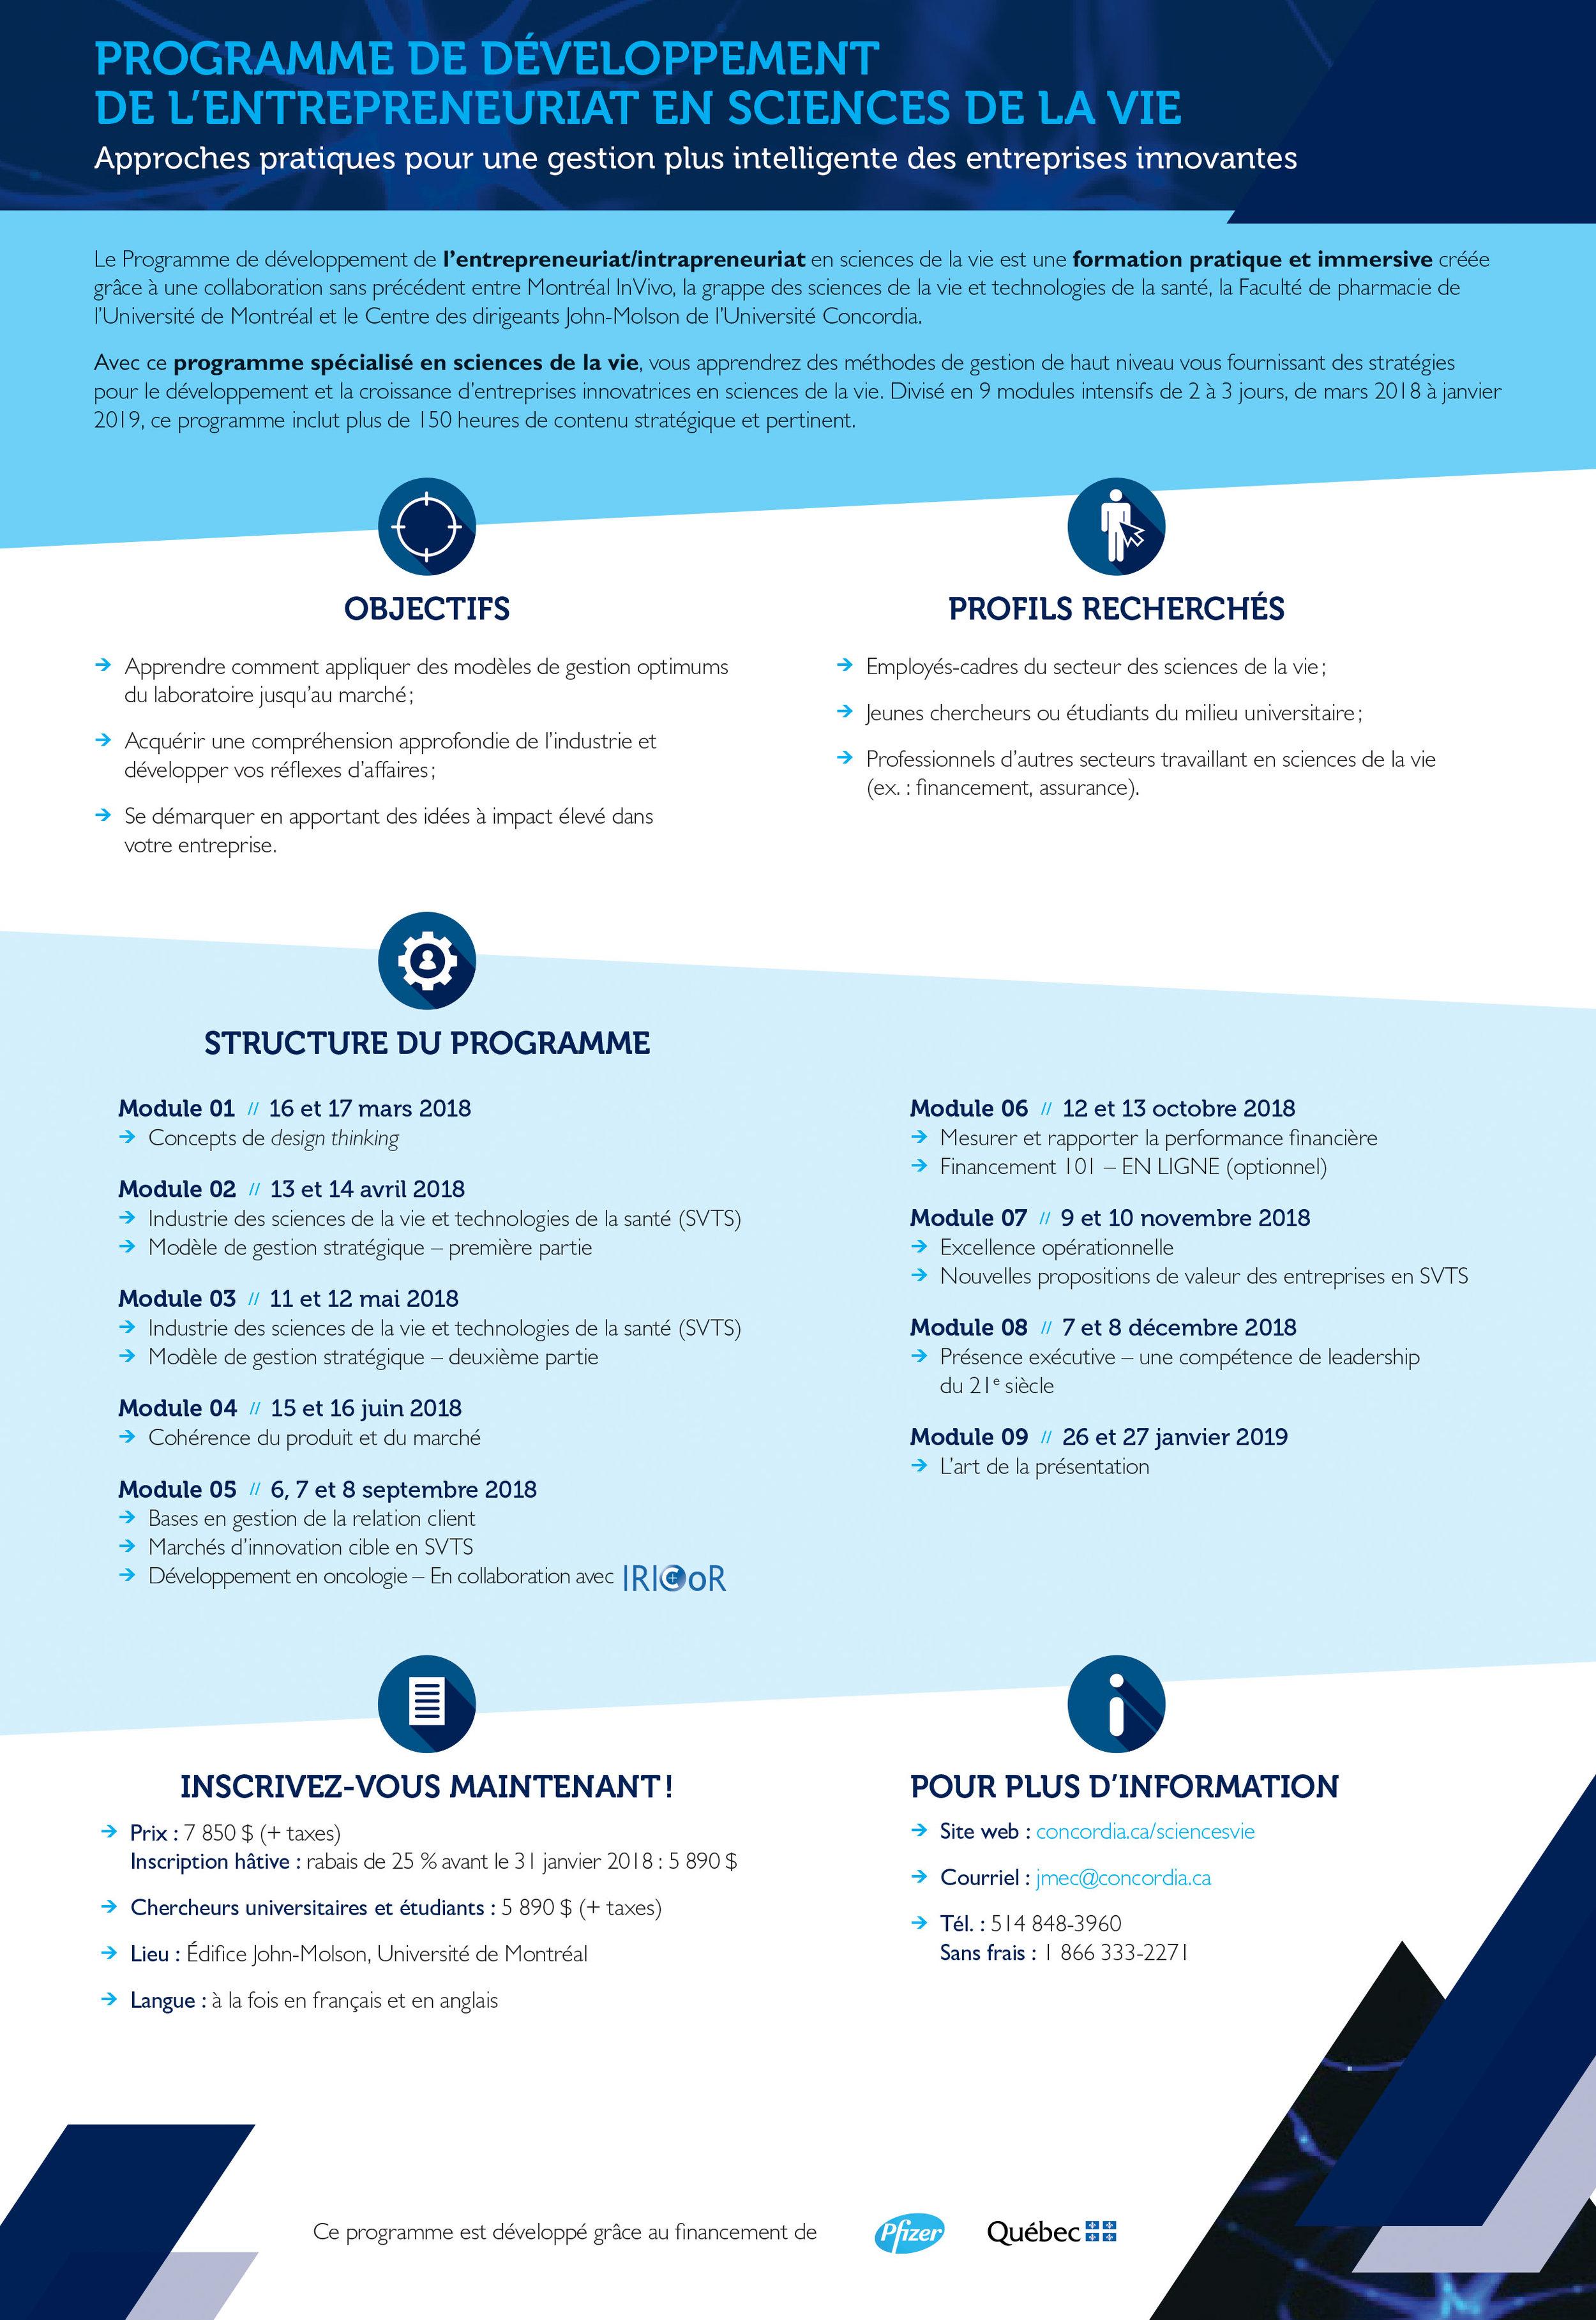 M1---Programme-entreprenariat-sciences-de-la-vie_FR.jpg